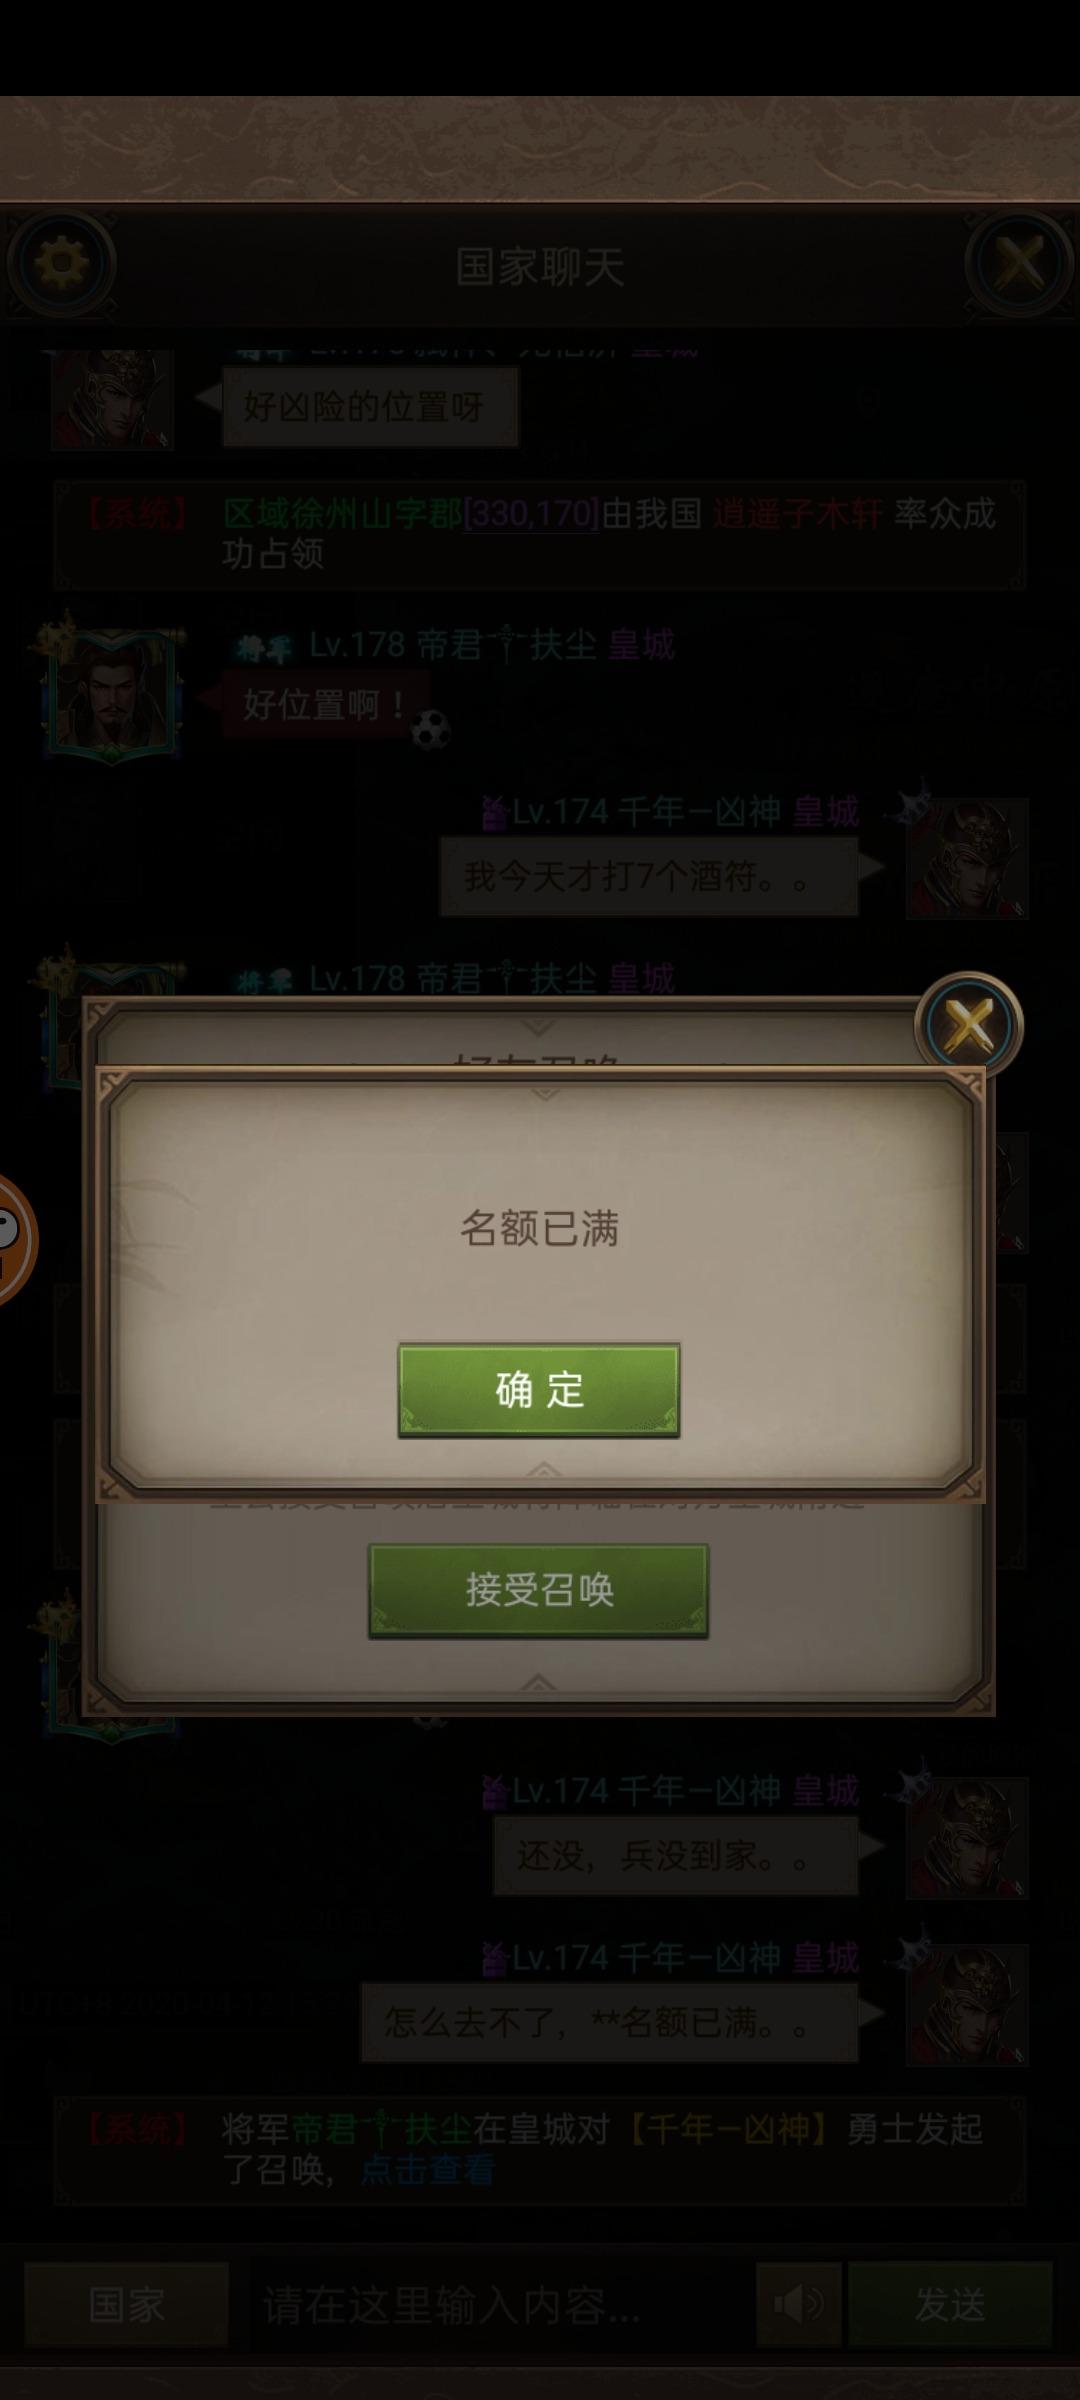 Screenshot_2020-04-12-15-29-24-85_2ca782289a69d98352866d89dbc343a1.jpg